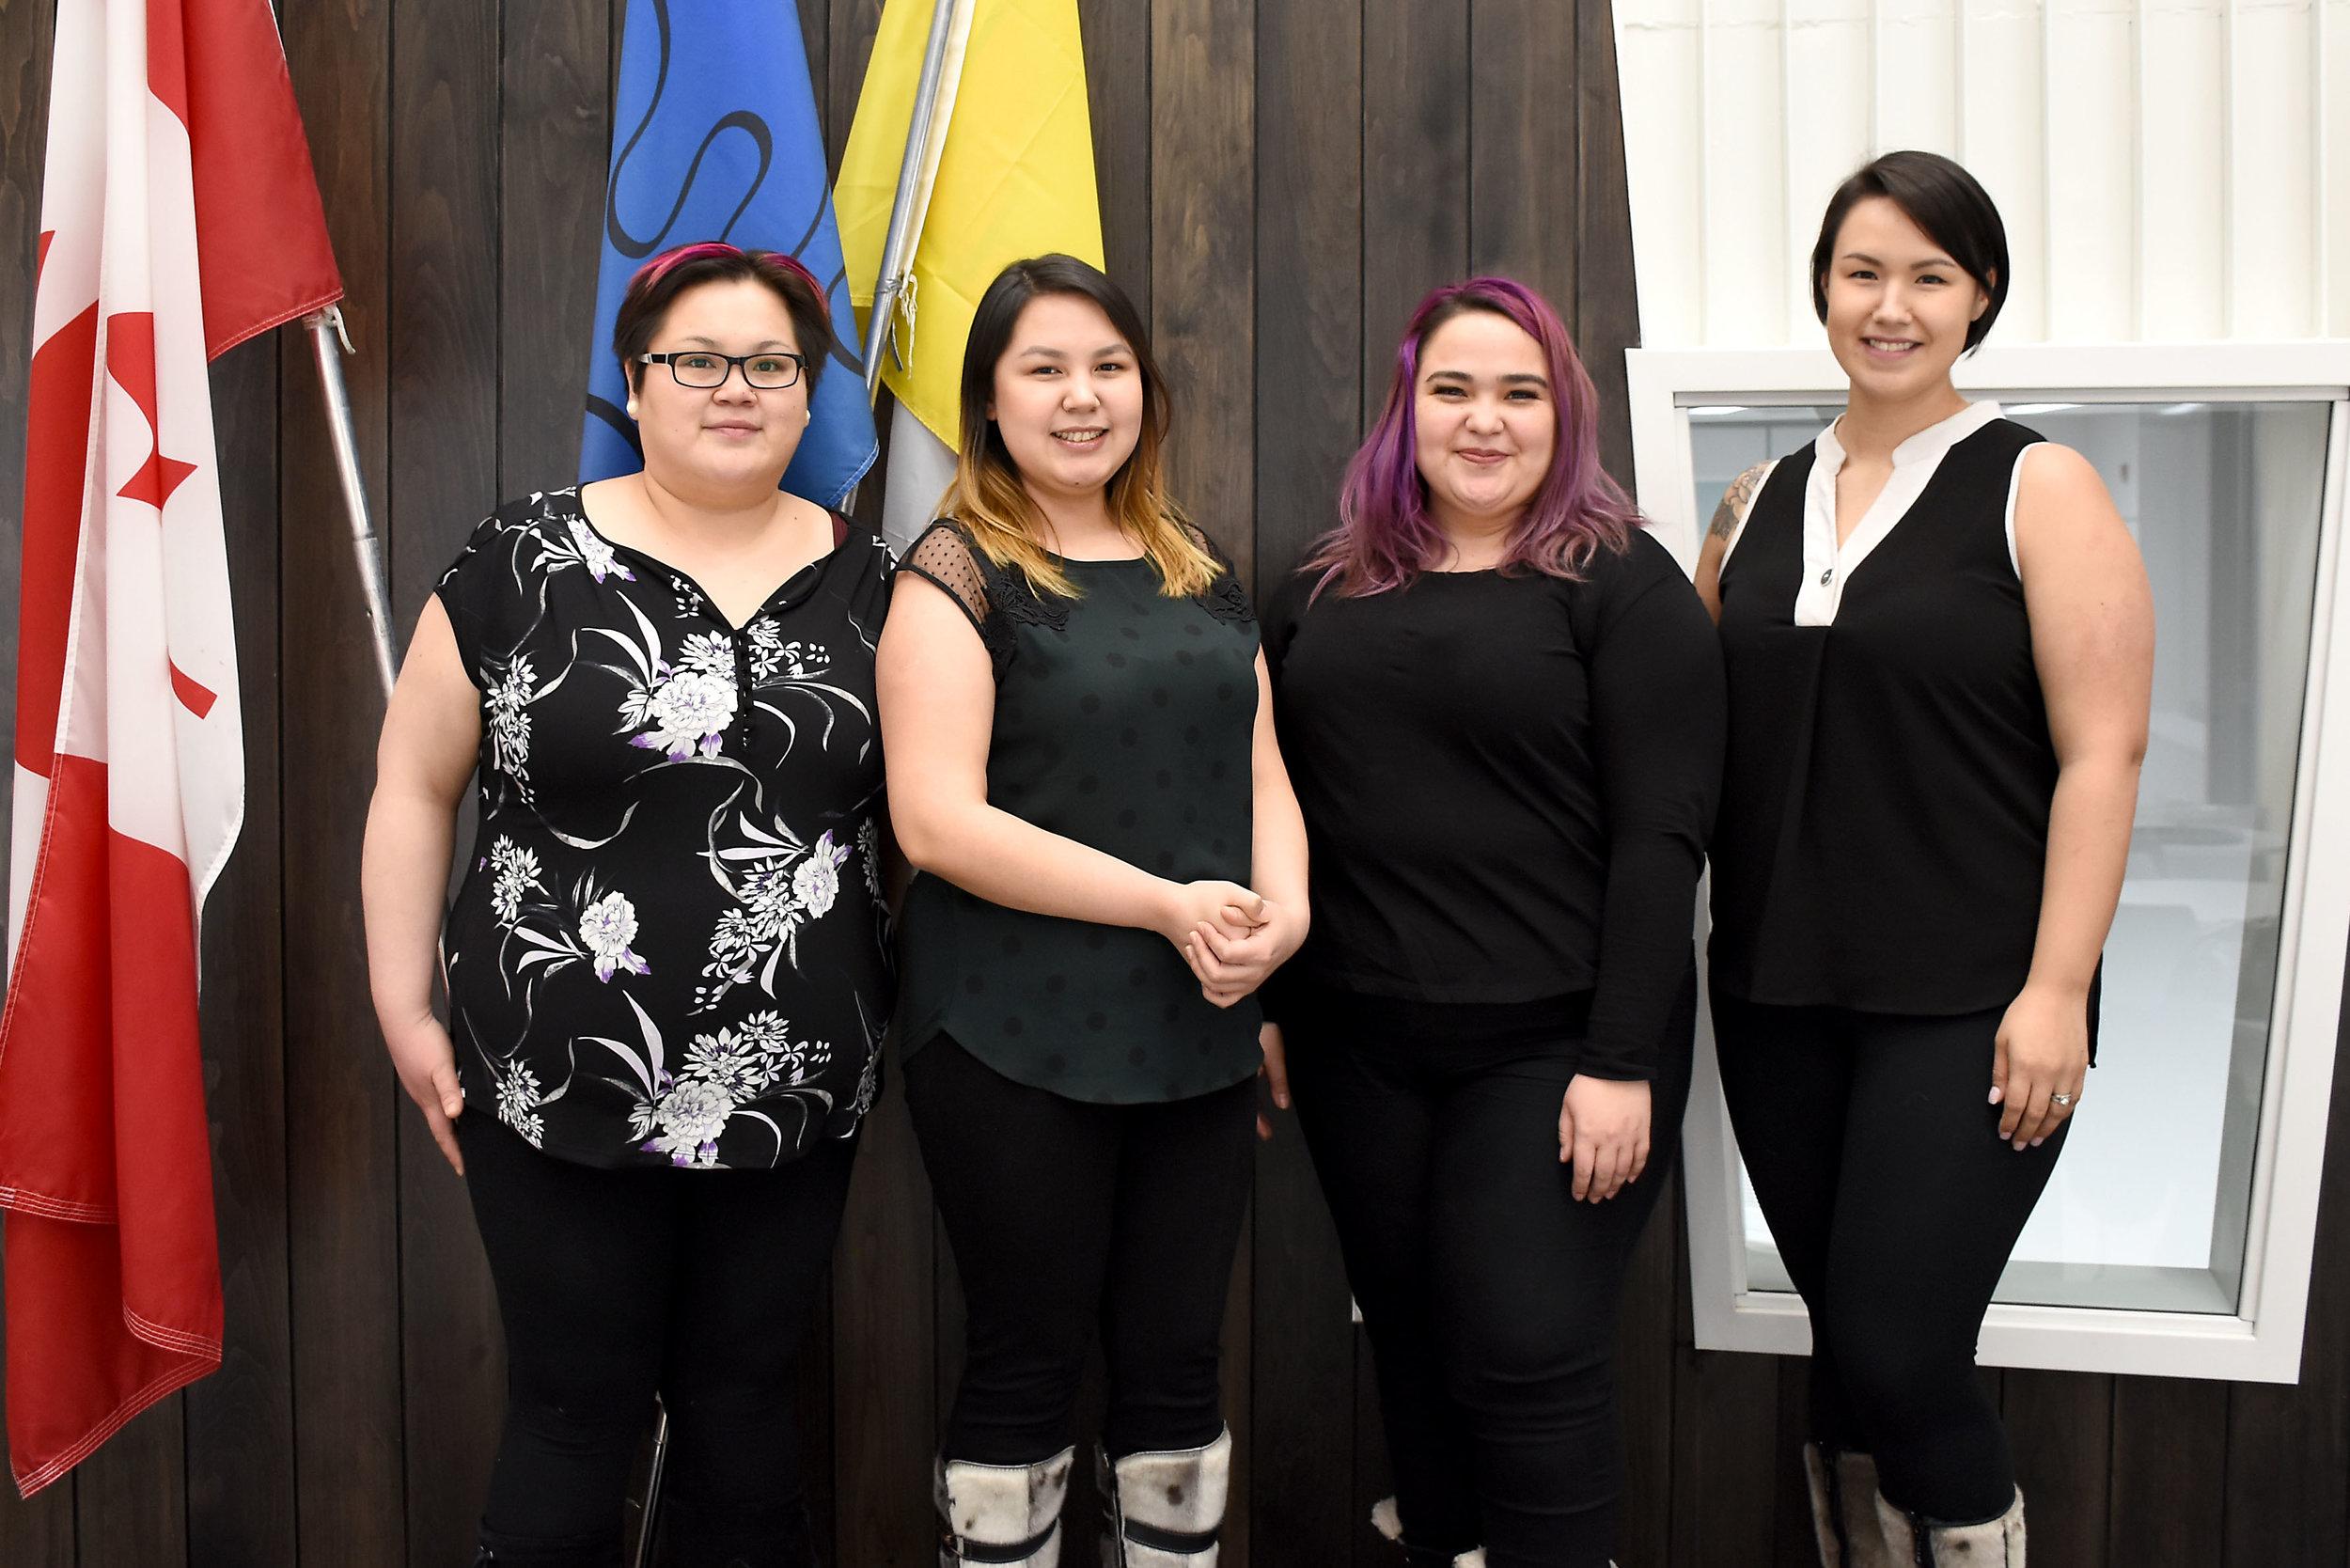 From left to right: Wendy Savikataaq, Jena Merkosak, Oopik Aglukark, Melynda Ehaloak